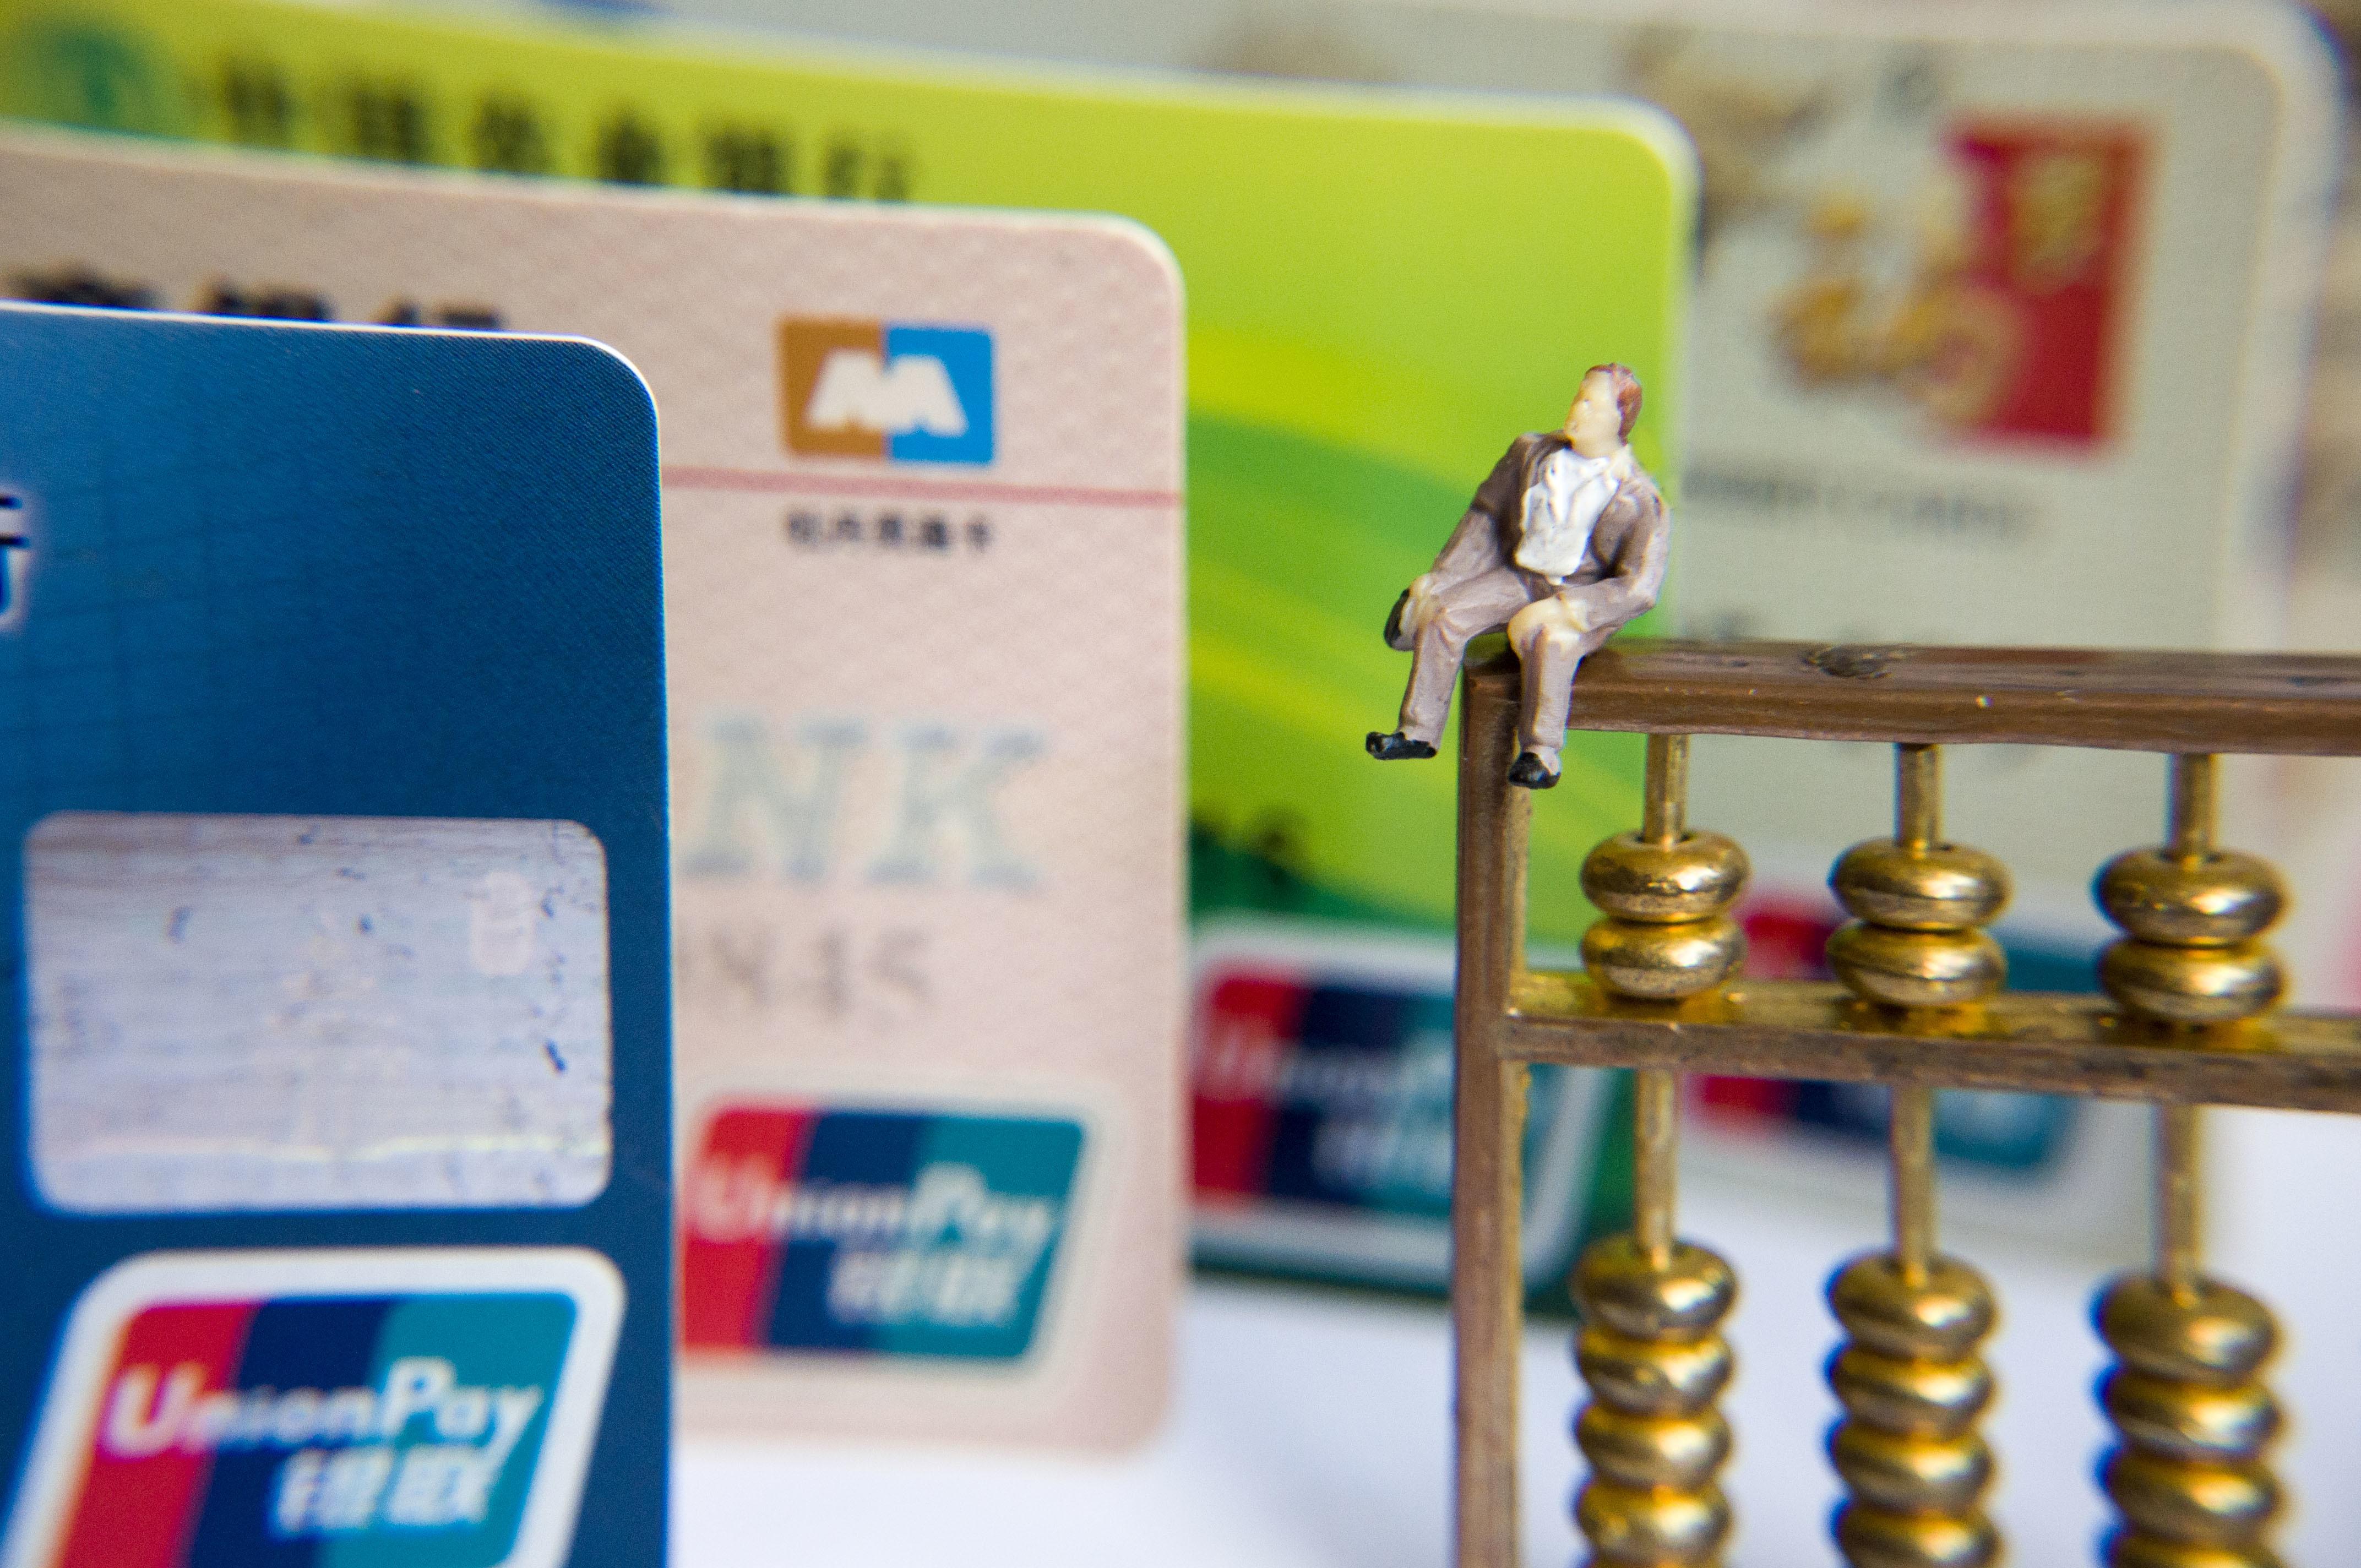 支付宝借呗突然不能借钱了?这些套路已被确认!